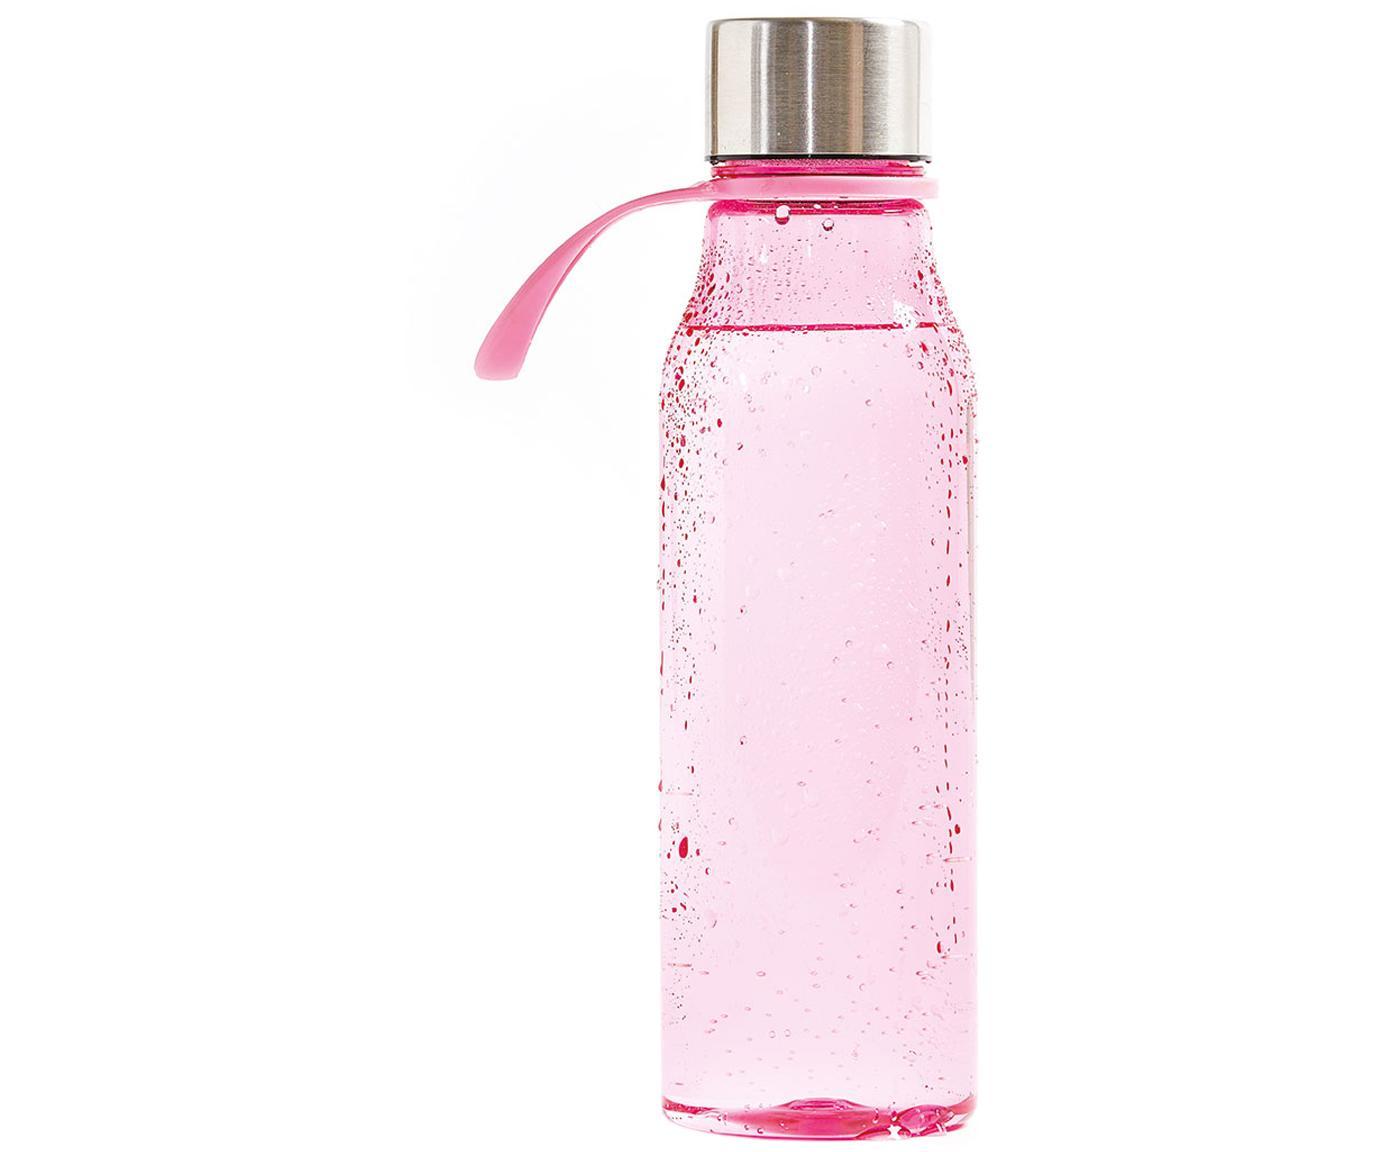 Kleine to go drinkfles Lean, Fles: Tritan (kunststof), BPA-v, Roze, staalkleurig, 570 ml